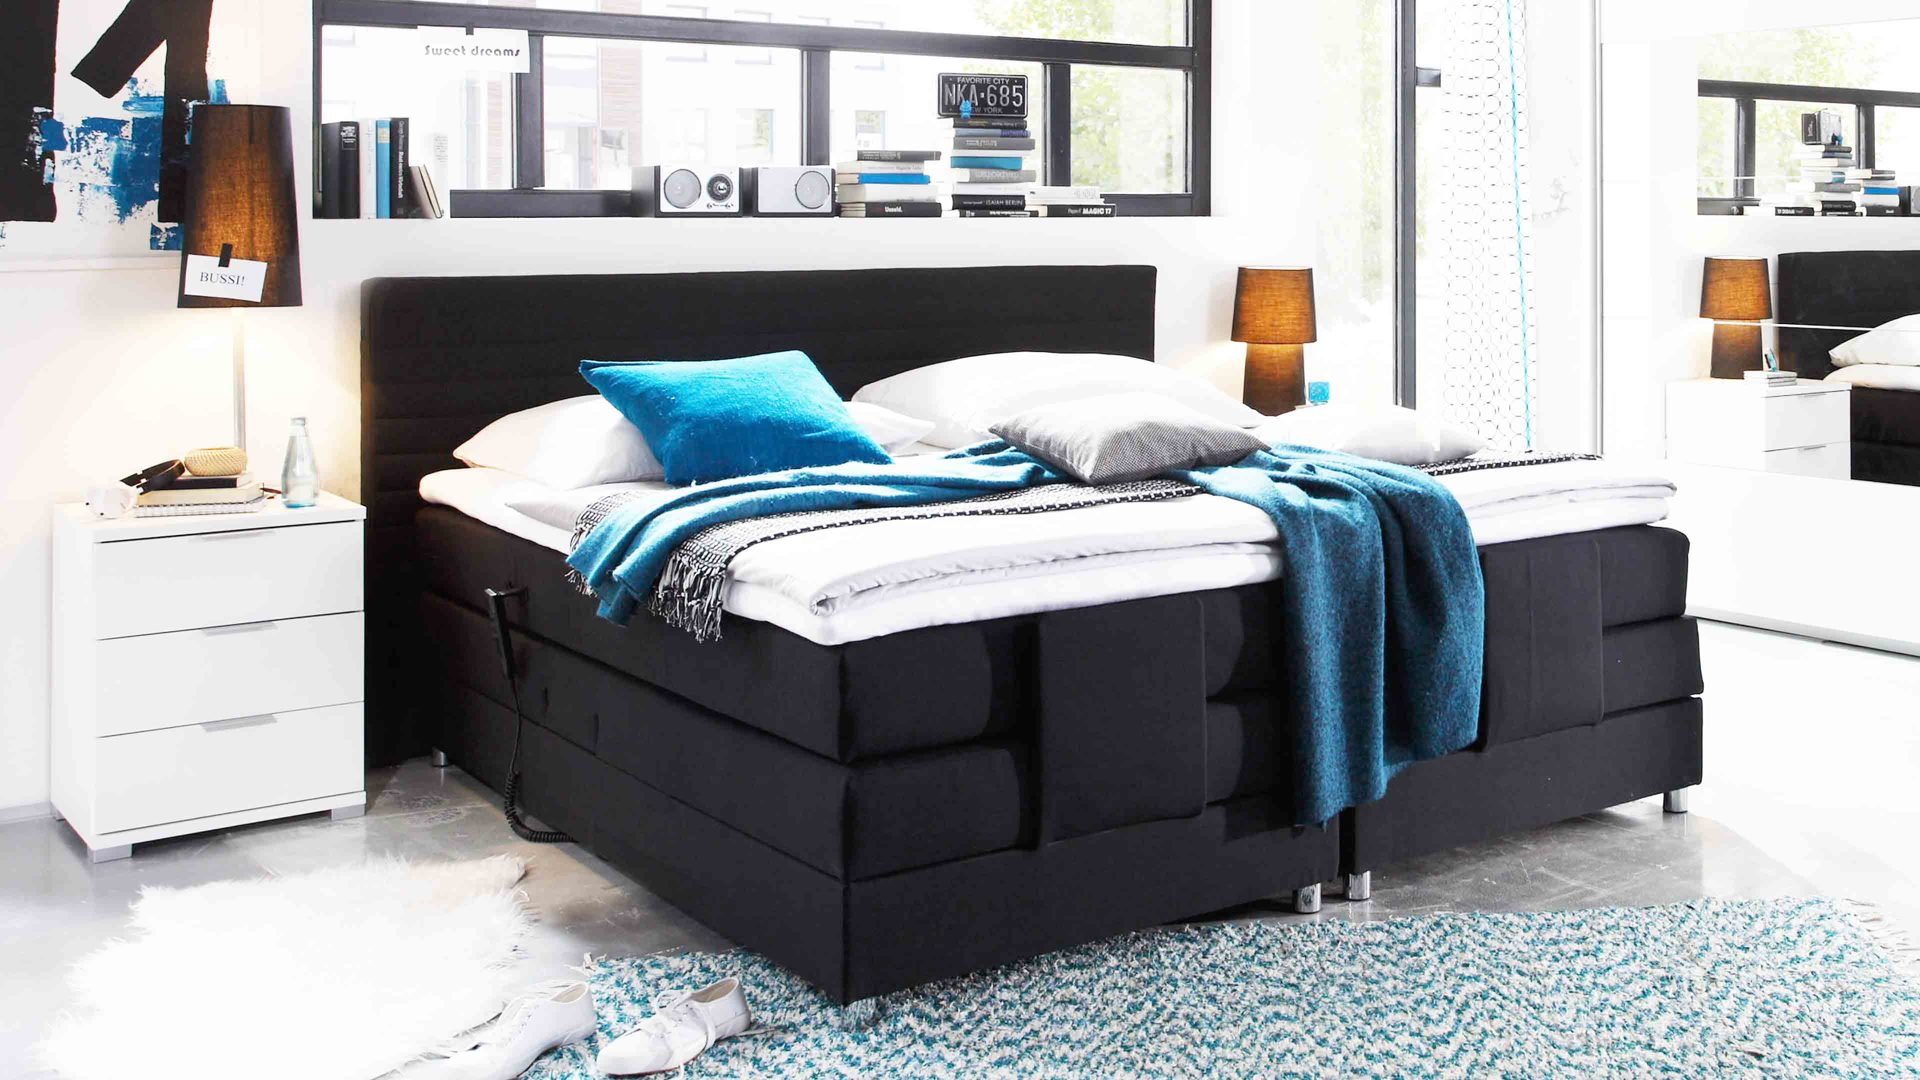 Großartig Betten Günstig Kaufen 180x200 Referenz Von Wohnland Breitwieser , Markenshops, Betten, Boxspringbett, Boxspringbett